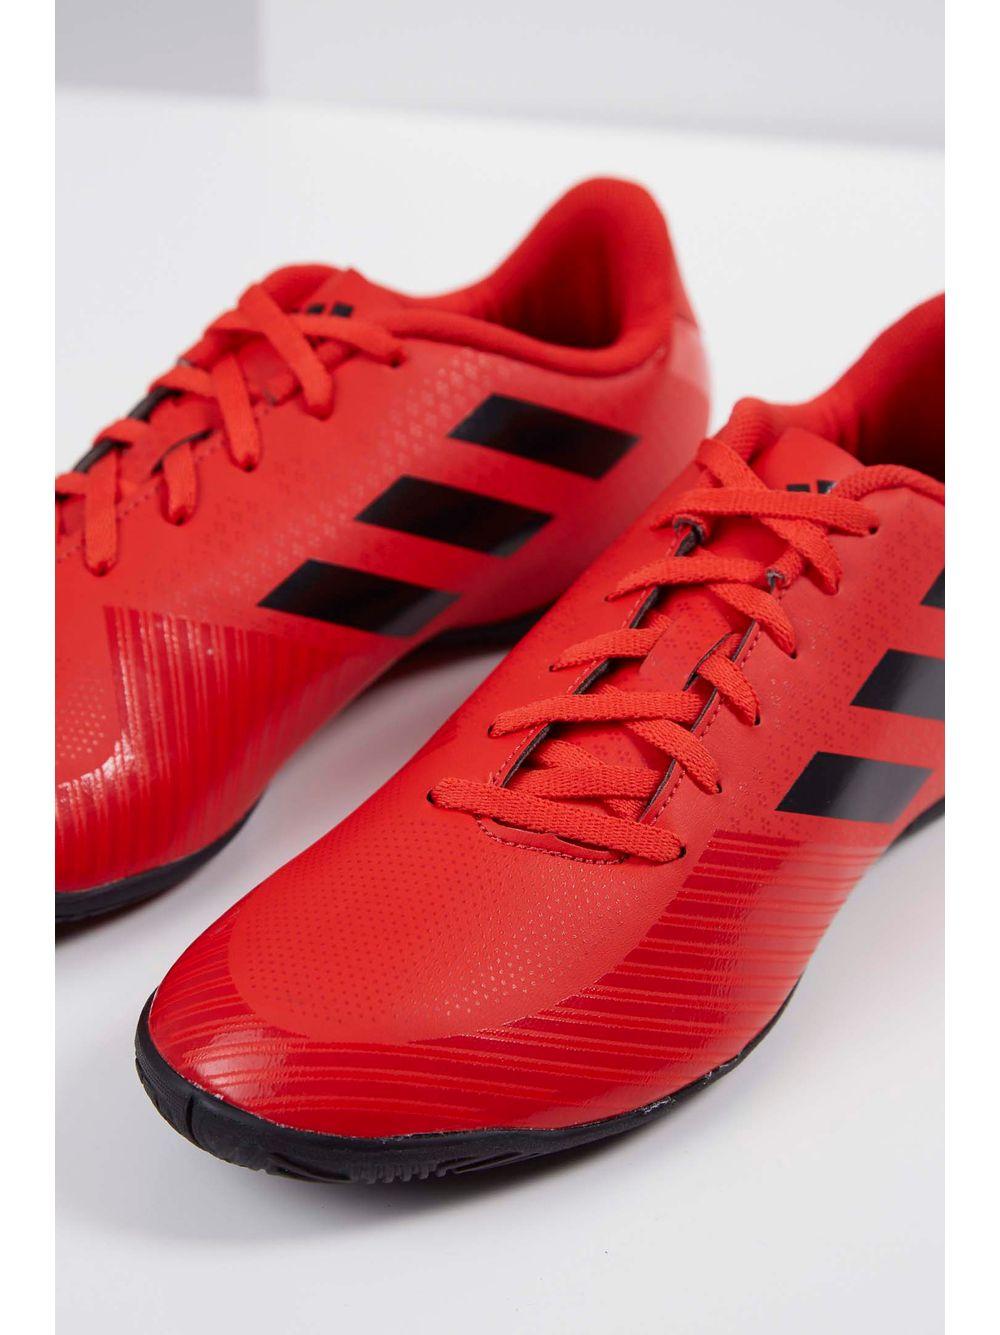 Tênis Adidas Artilheira Iii In Vermelho - pittol c92bb7a87e412